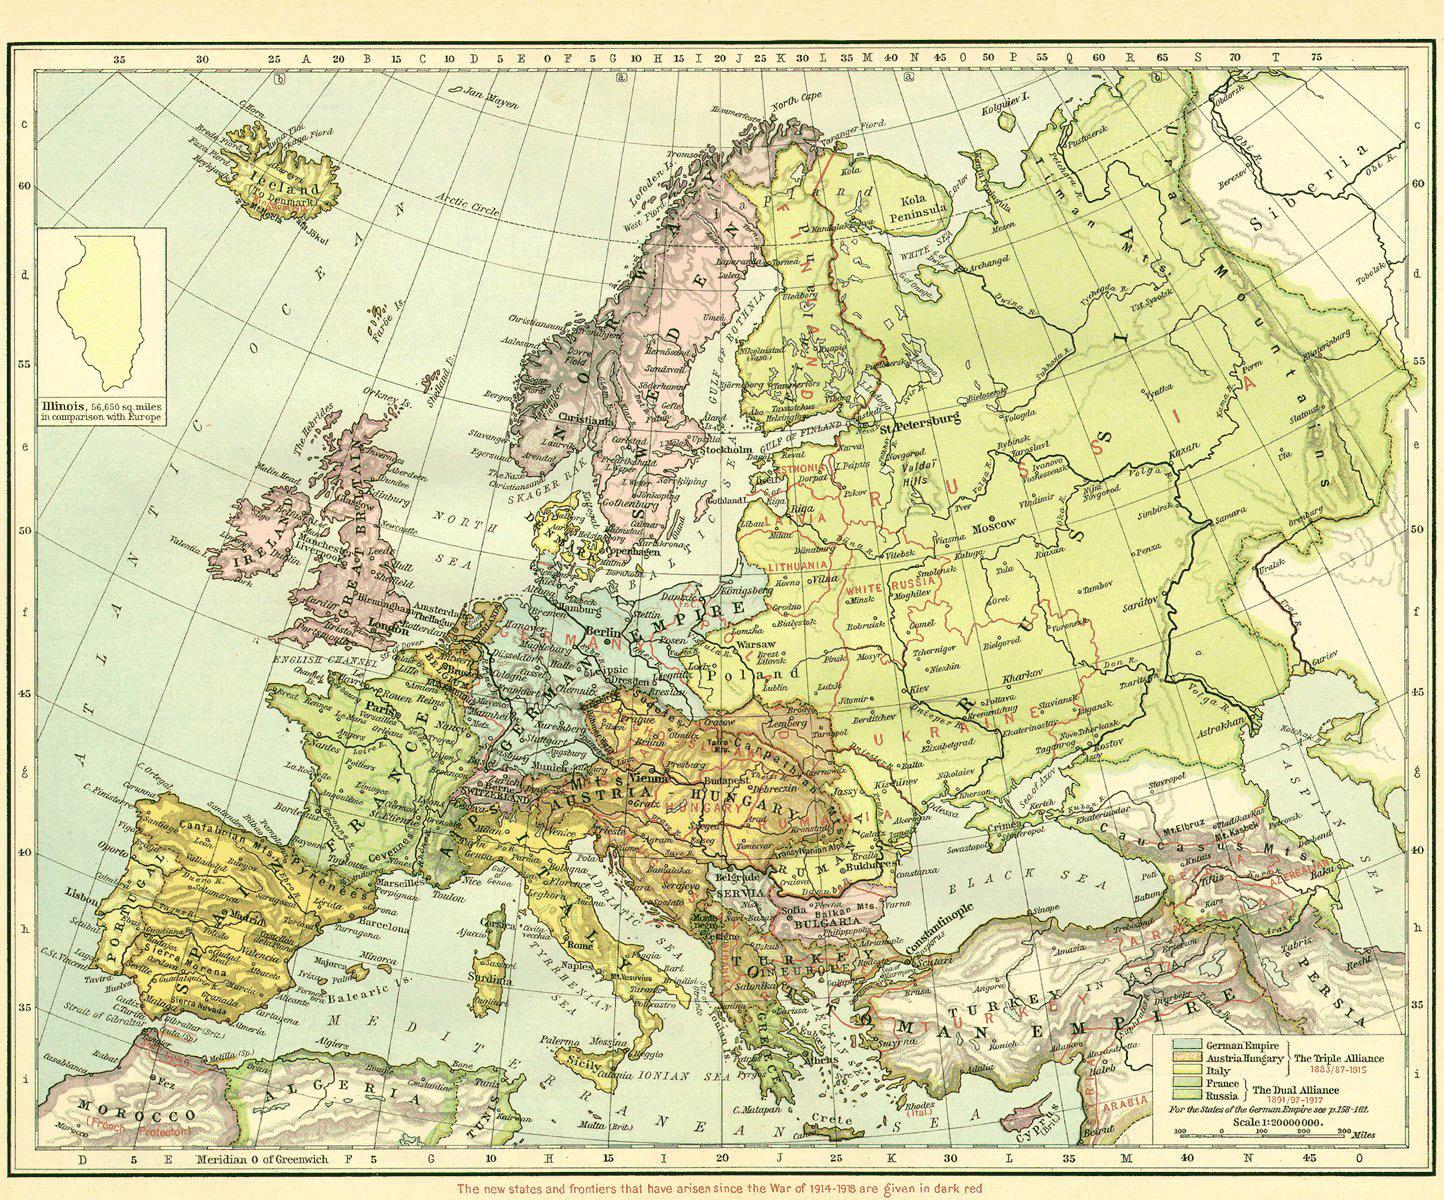 1918 2018 Europa W Okresie Przemian Forum Dialogu Tematy Z